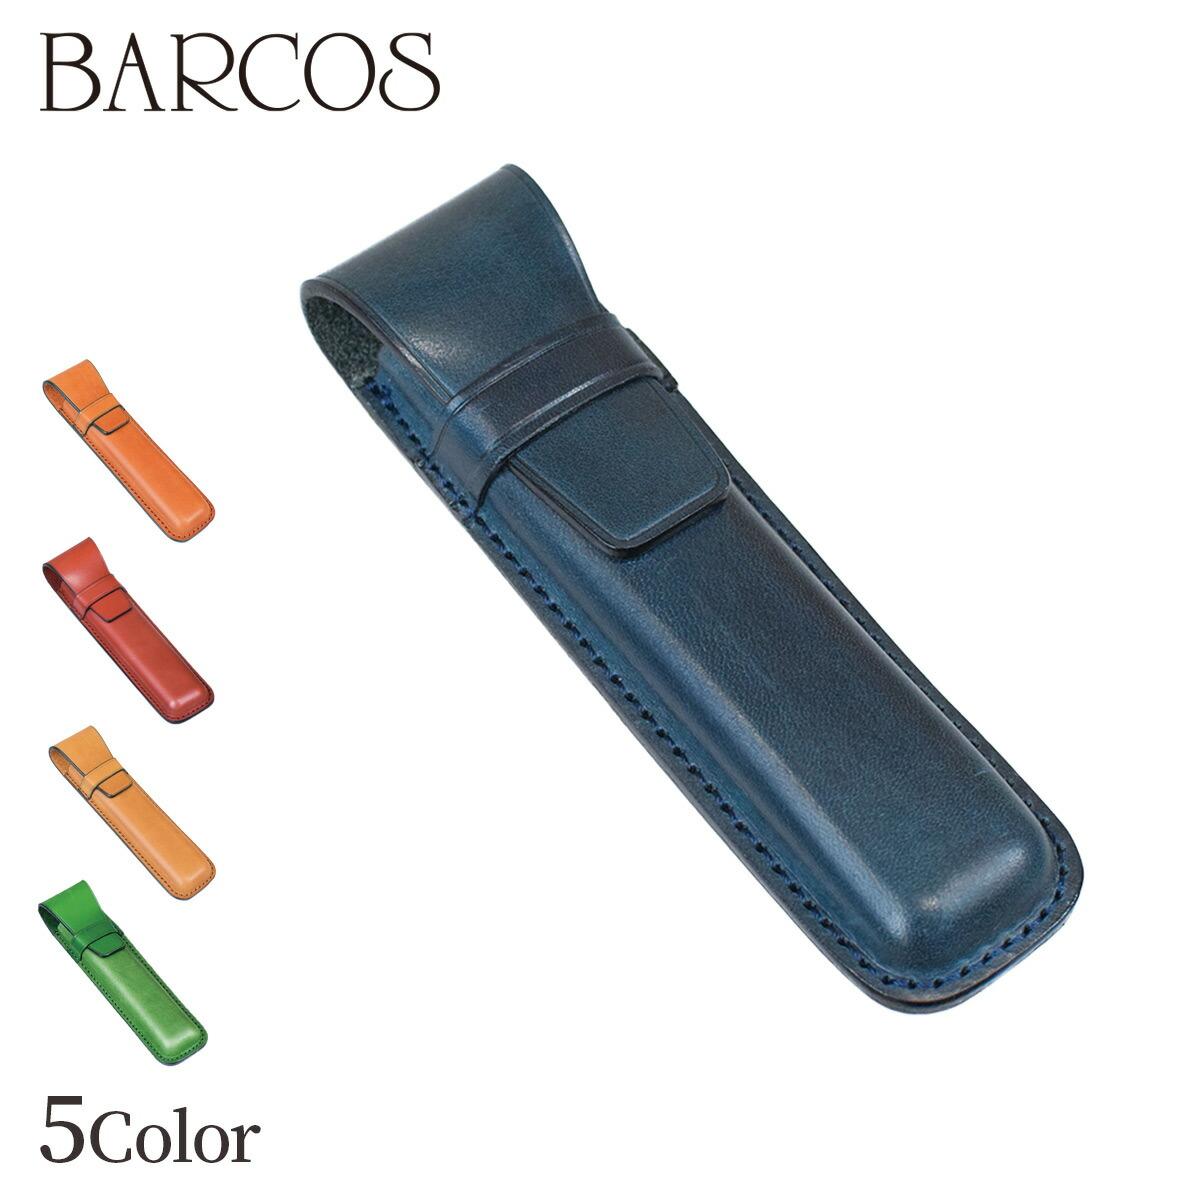 BARCOS 2本用牛革ペンケース ユニセックス 全5色